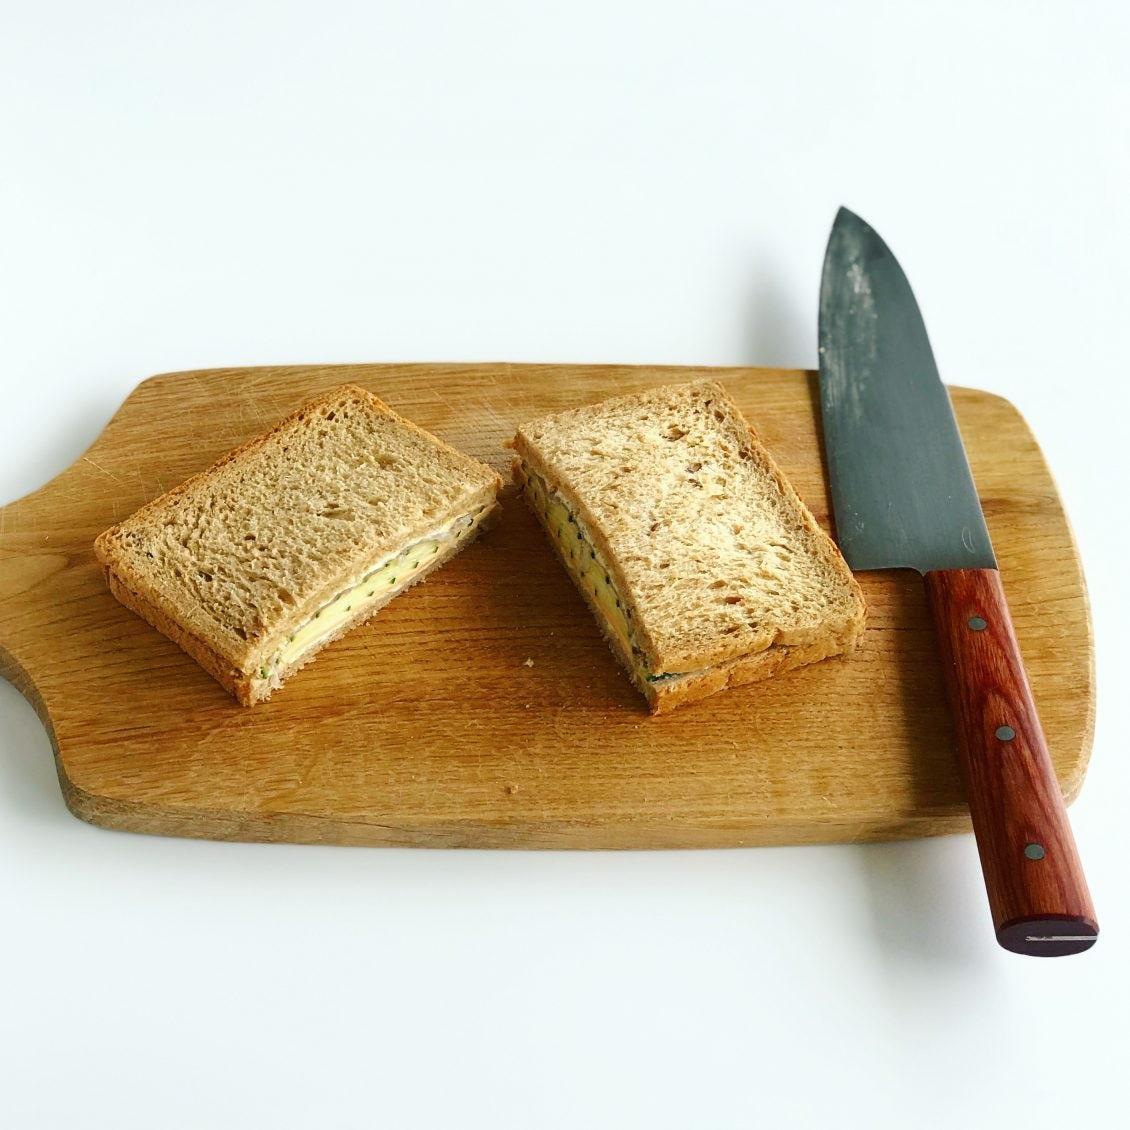 【サンドイッチも、夏コーデ】3話目:ワントーンコーデのように。ライ麦パンの、とっておき生ハムサンド